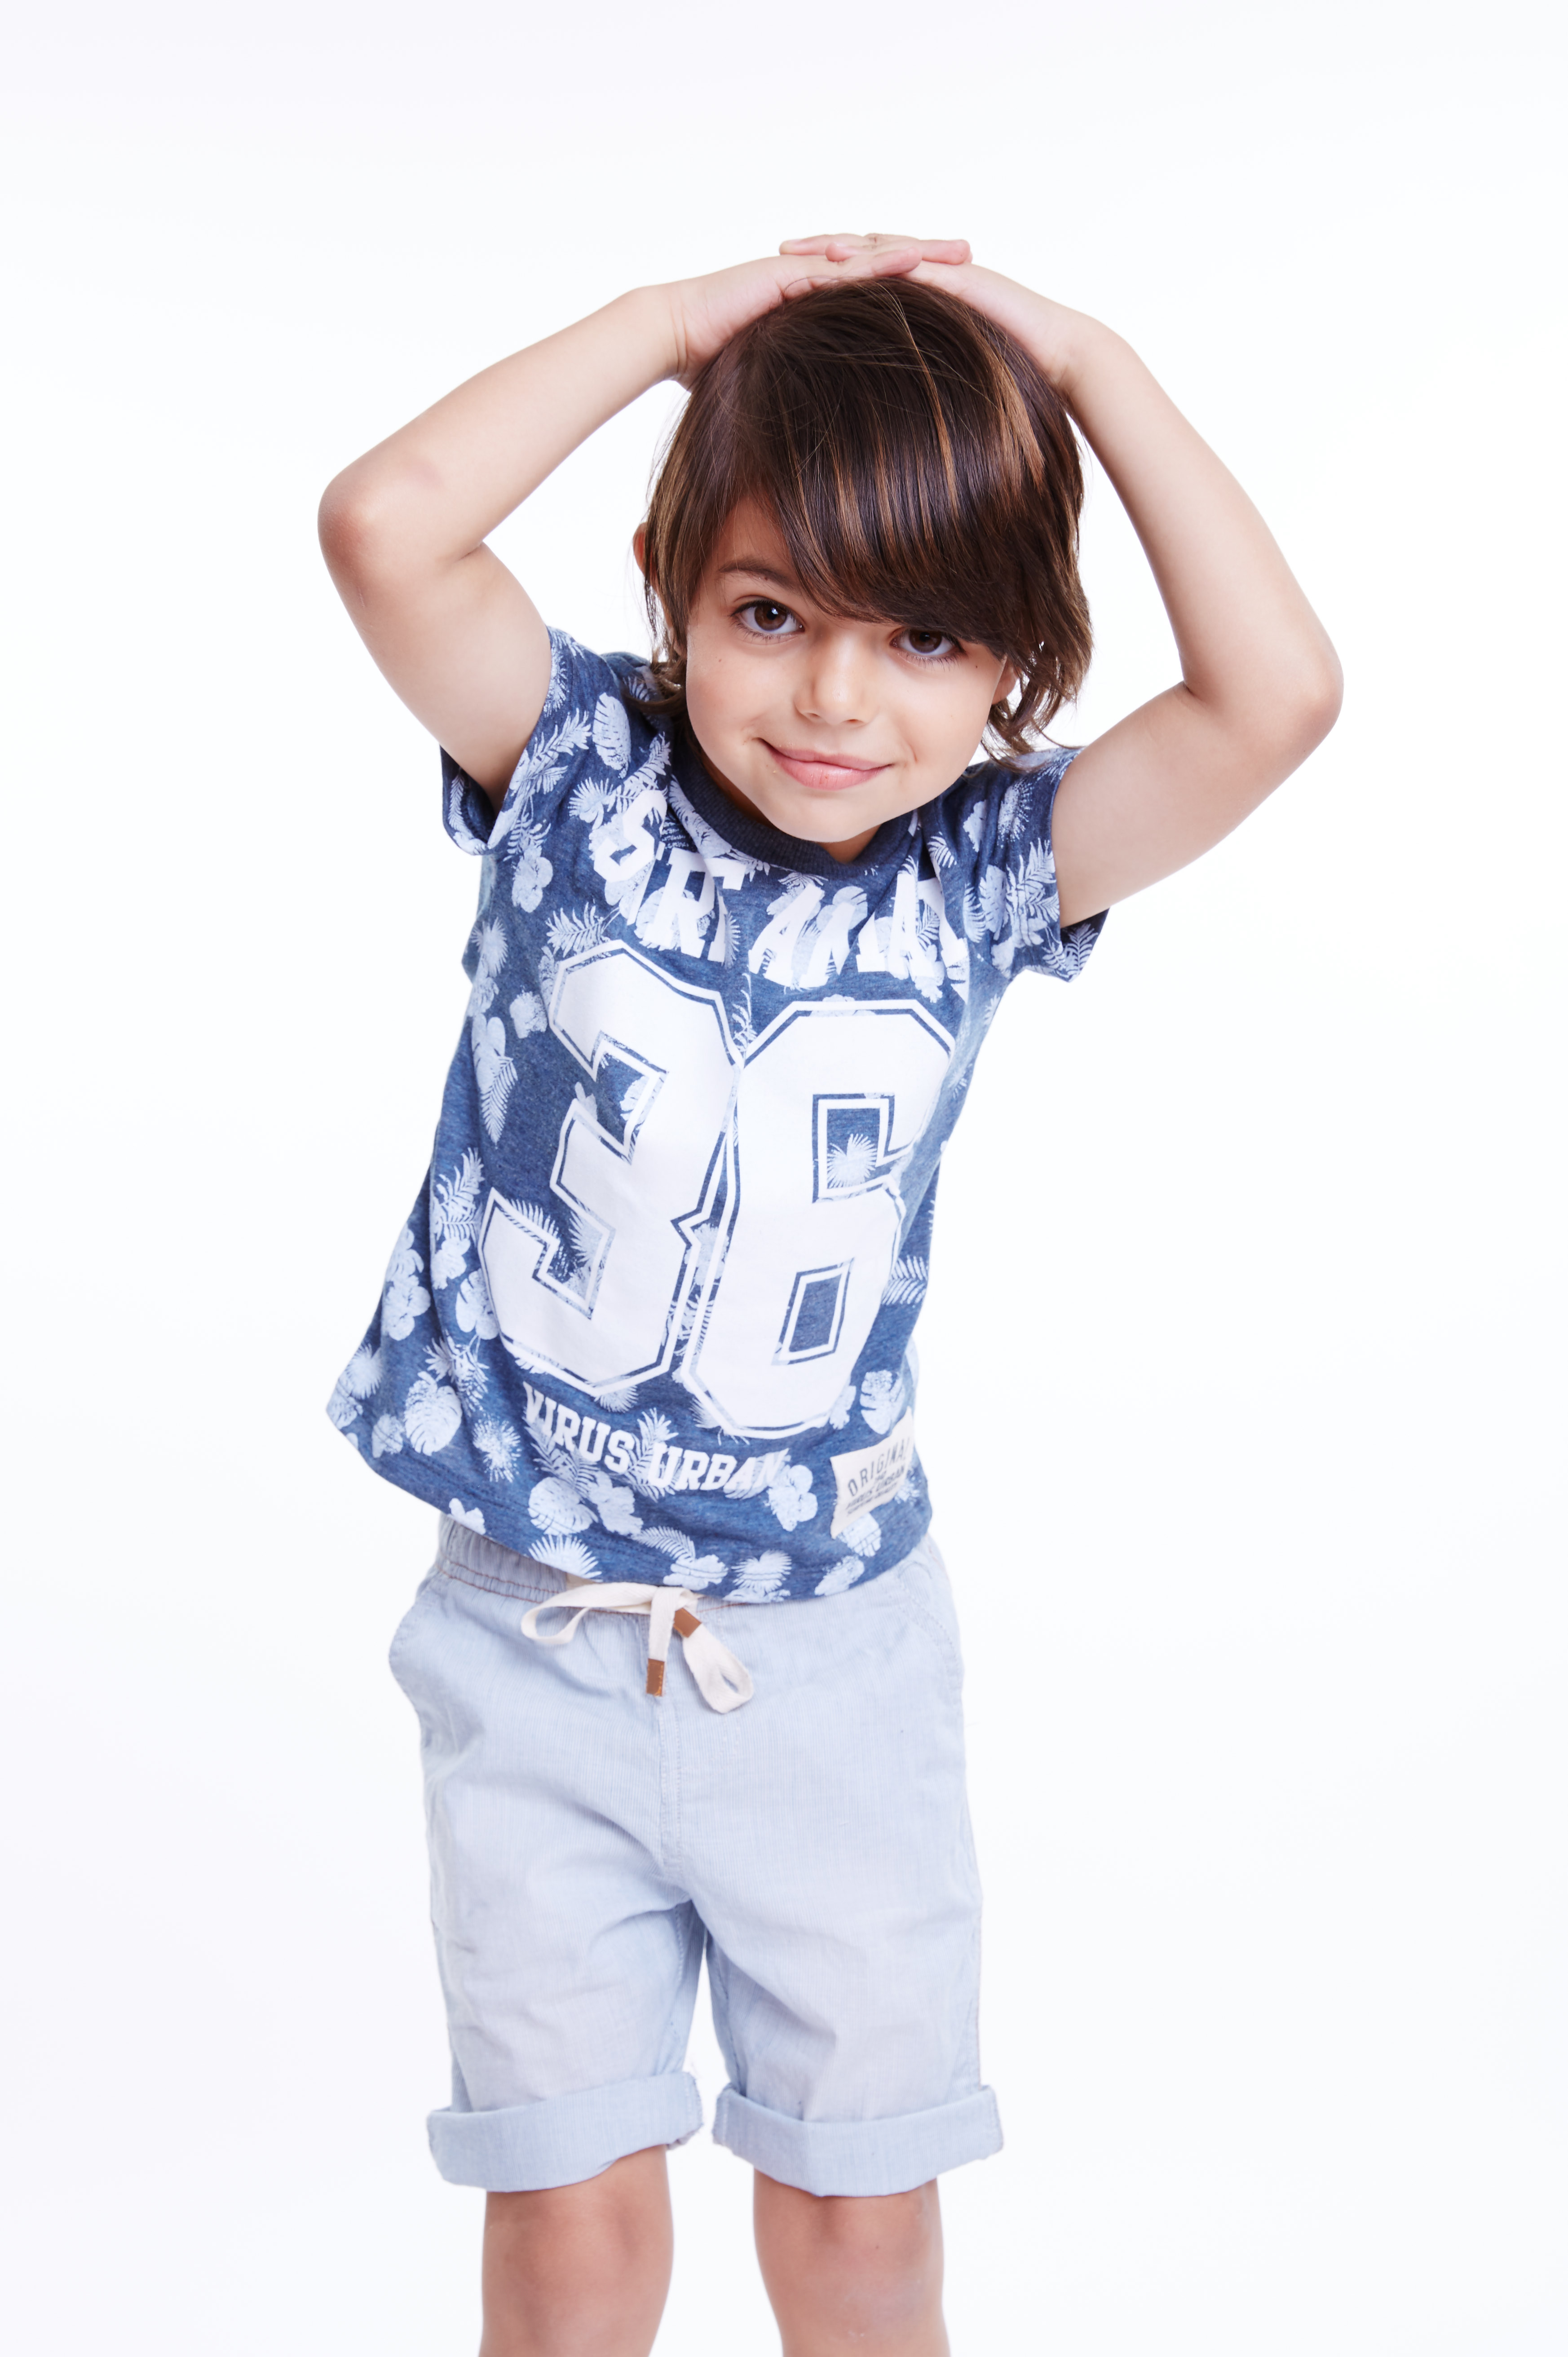 Лето не уходи: рубашки и брюки из летней коллекции Honigman Kids — всего 24.90